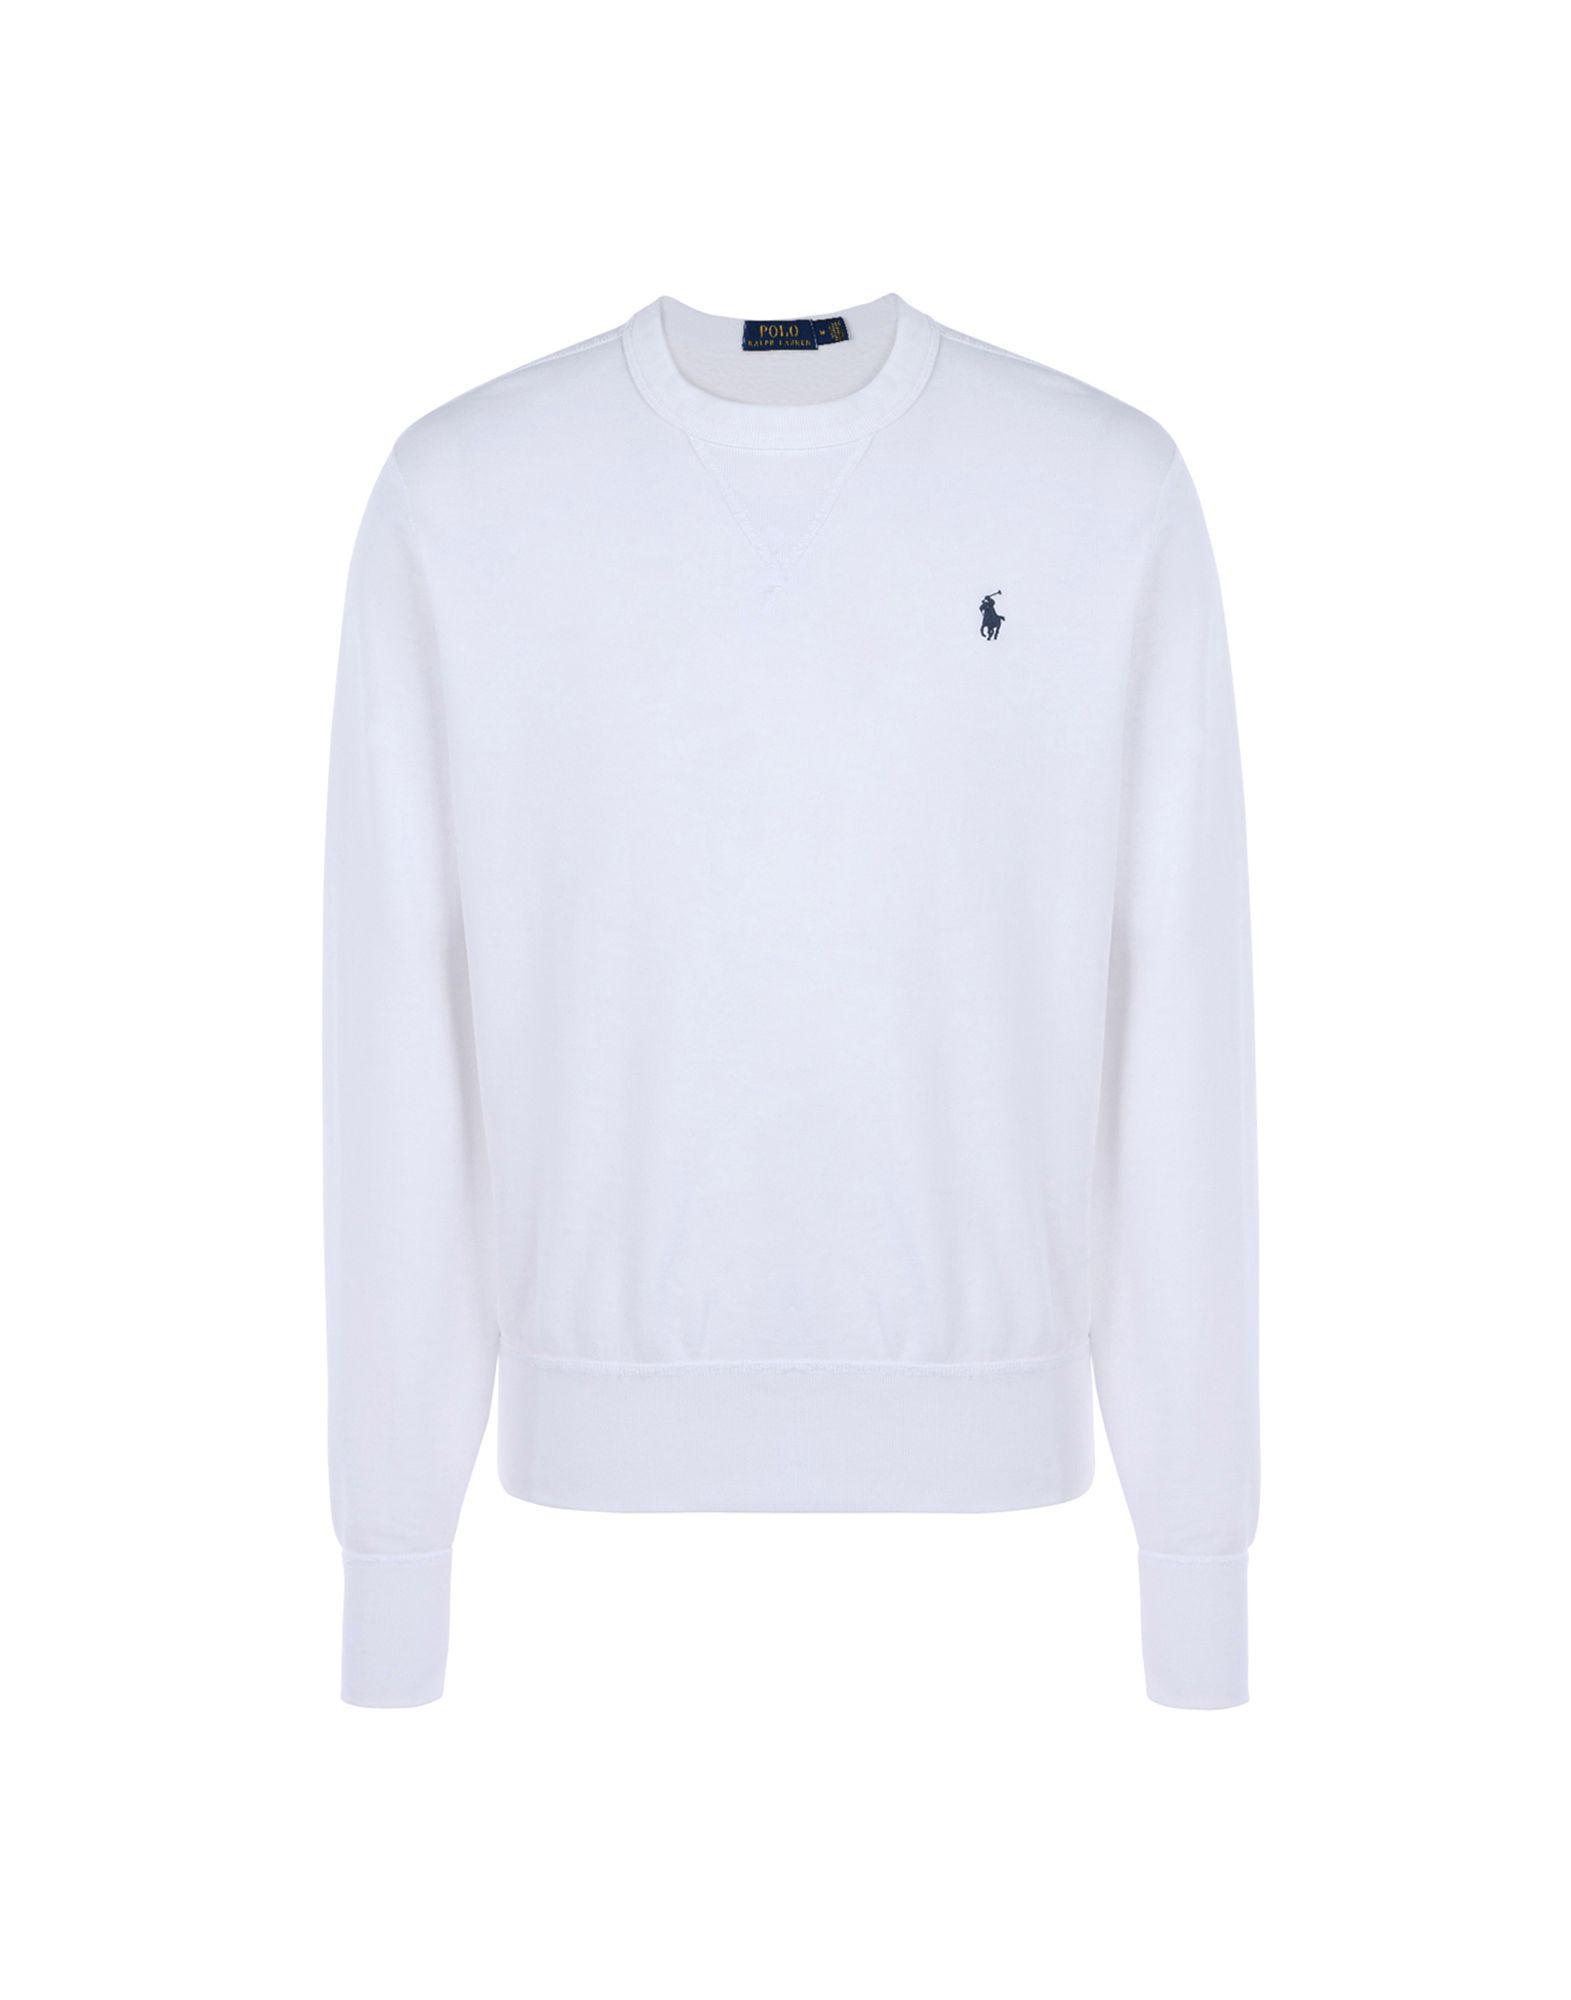 7f6442a5970 Lyst - Sweat-shirt Polo Ralph Lauren pour homme en coloris Blanc